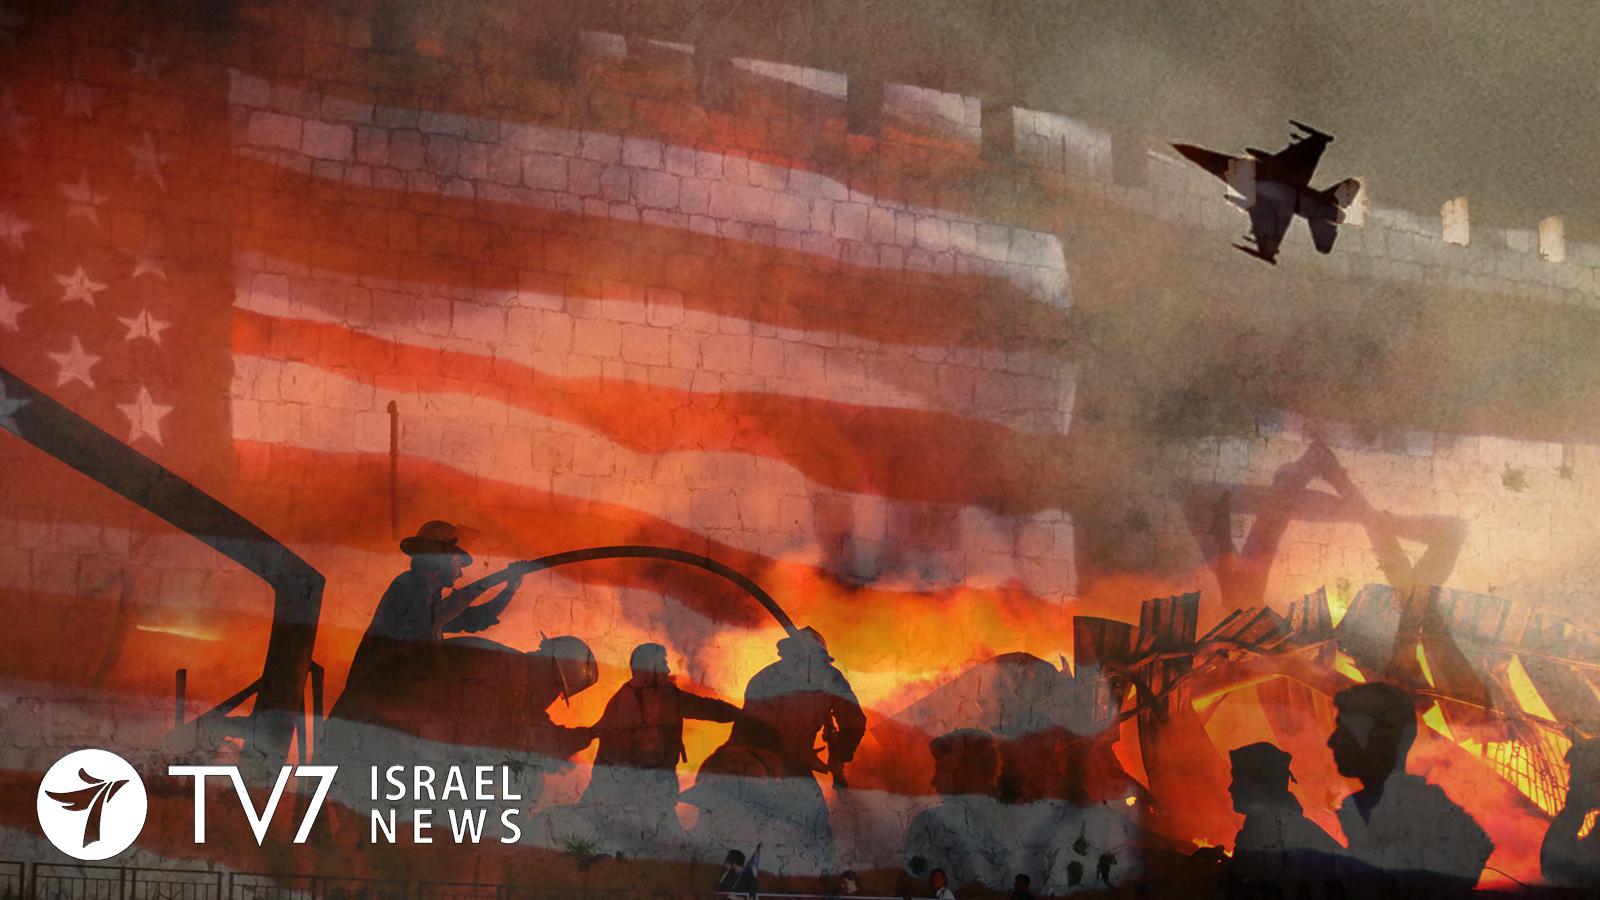 Iraq israel-american strike_flash 90Iraq israel-american strike_flash 90